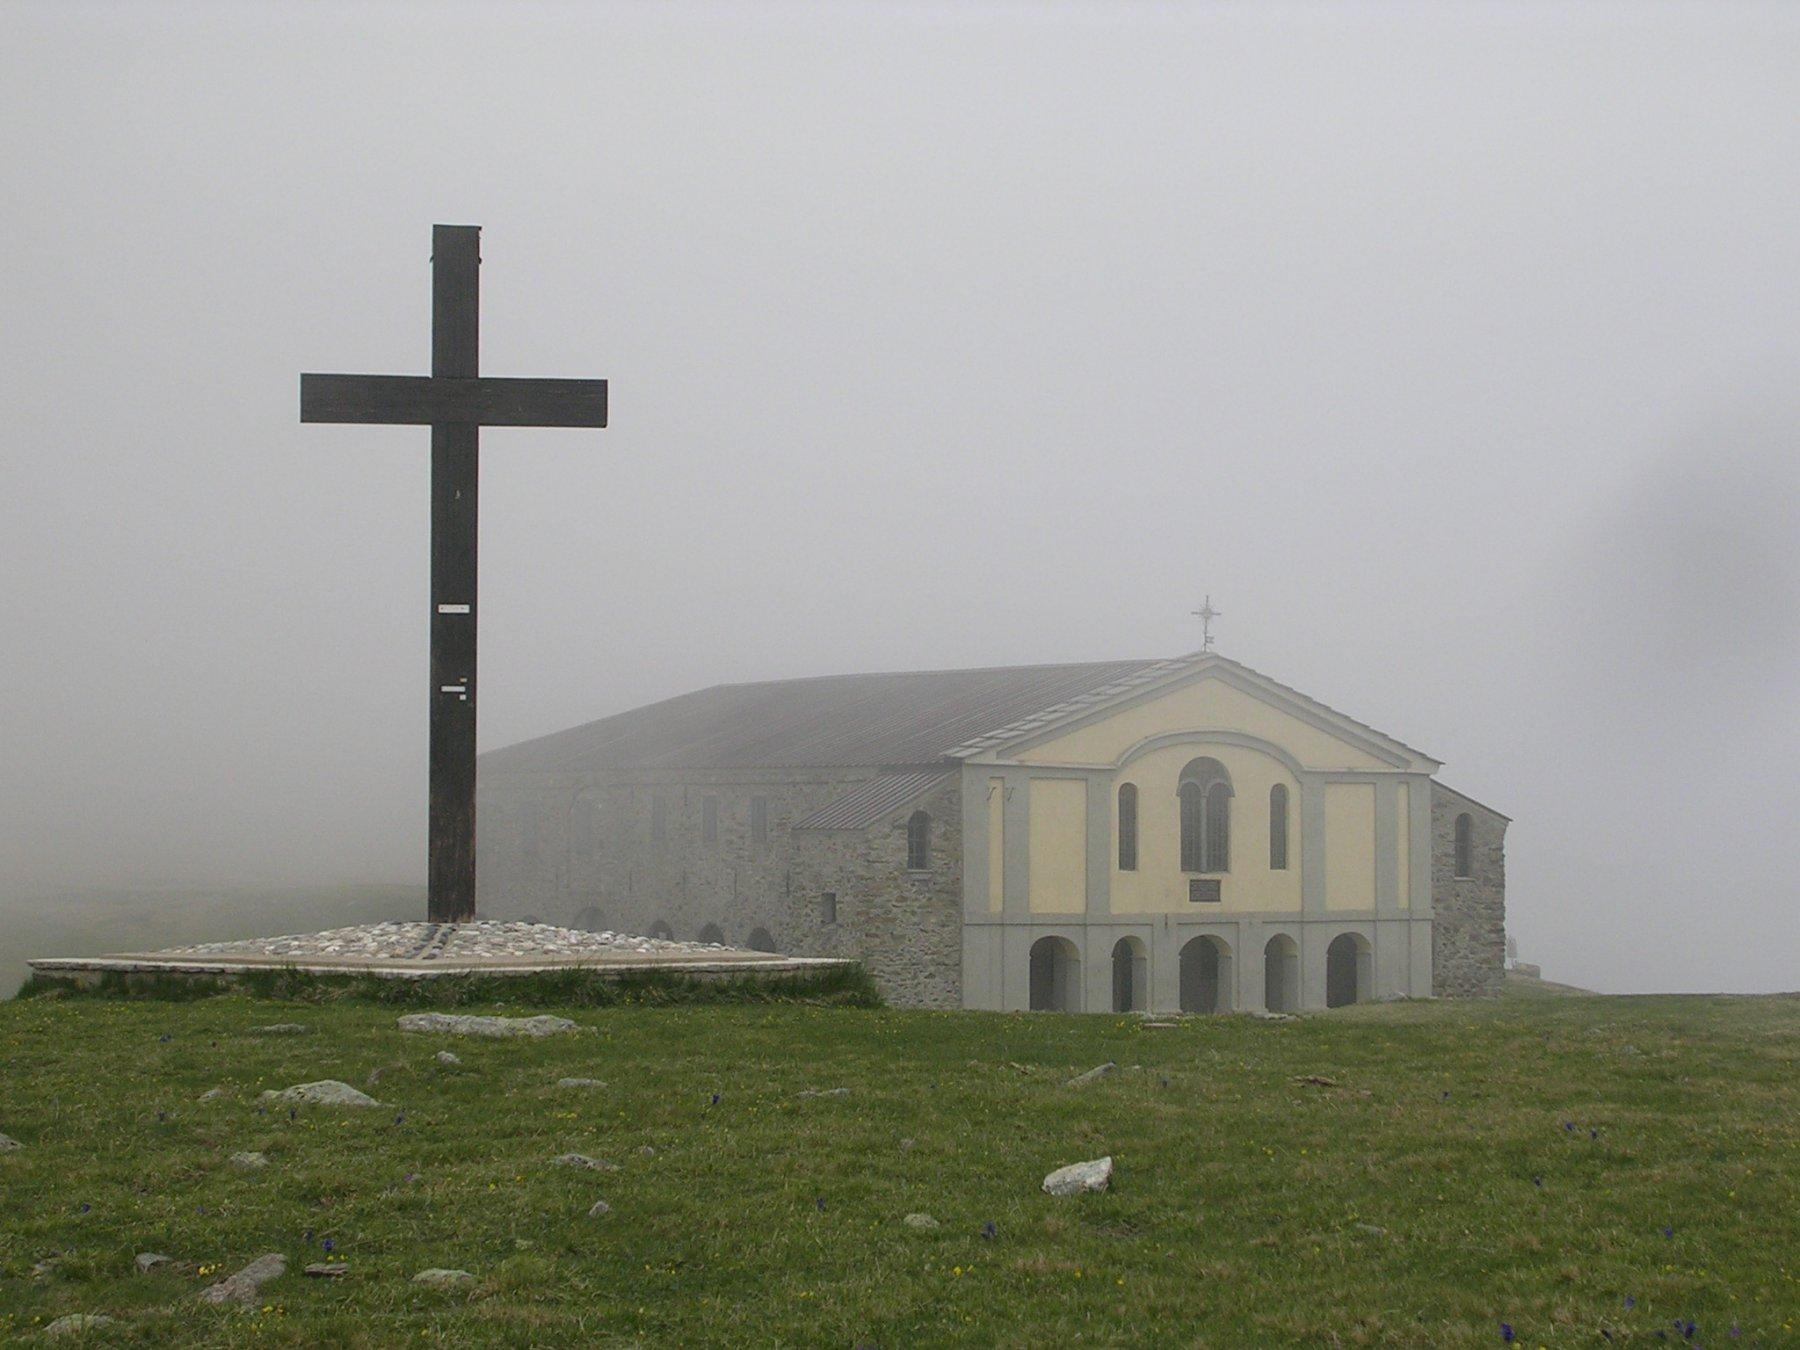 Il colombardo nella nebbia